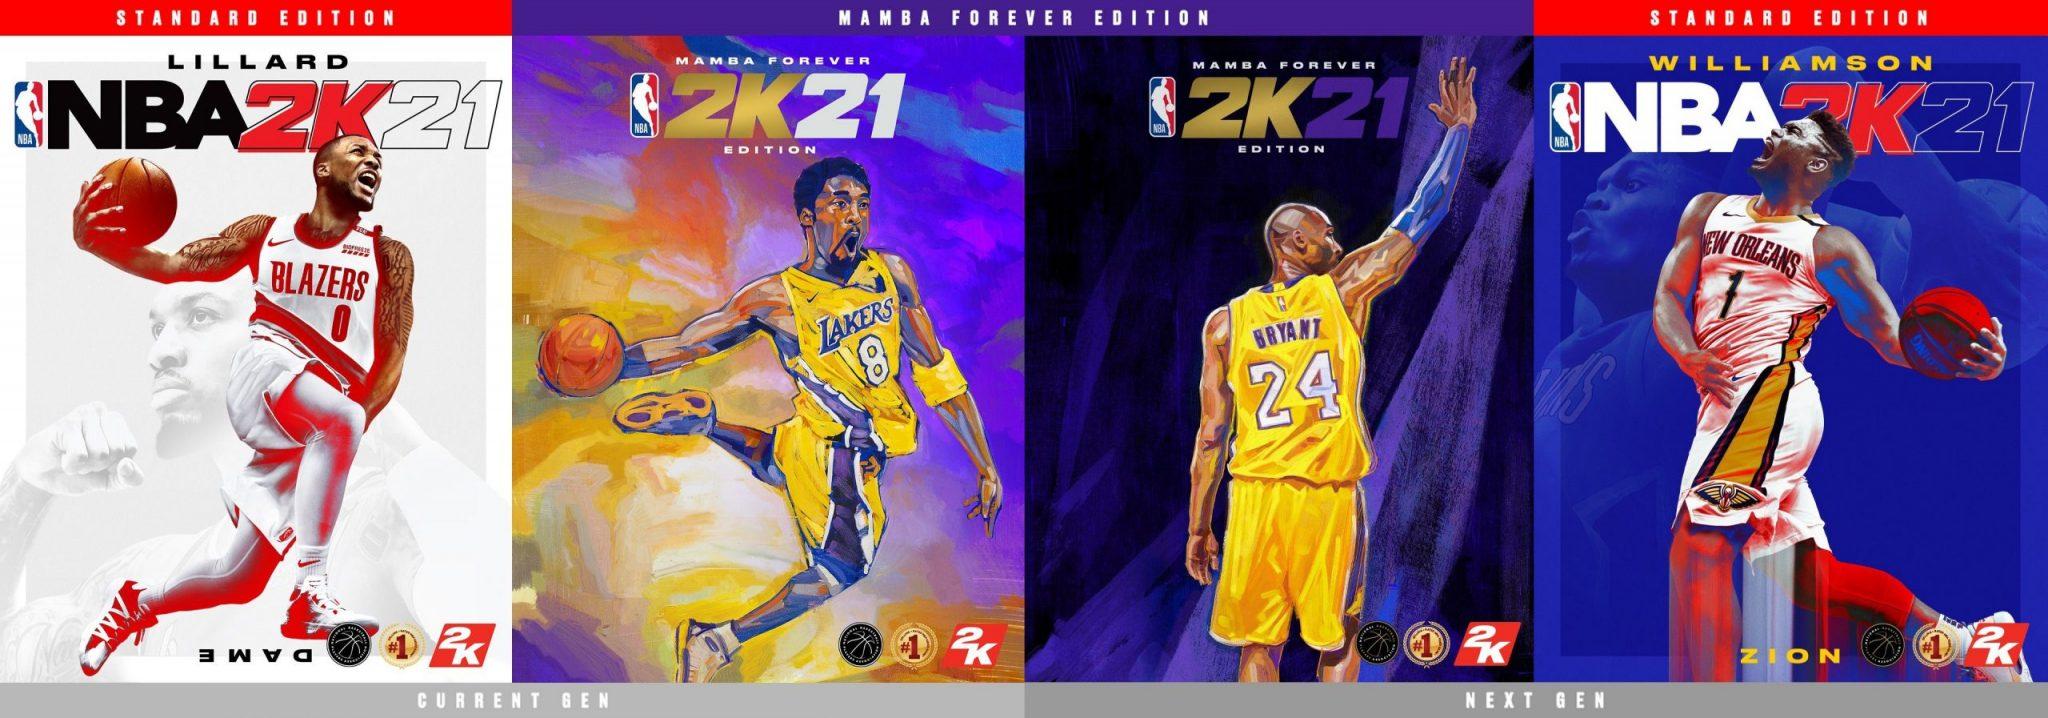 NBA 2K21 portadas